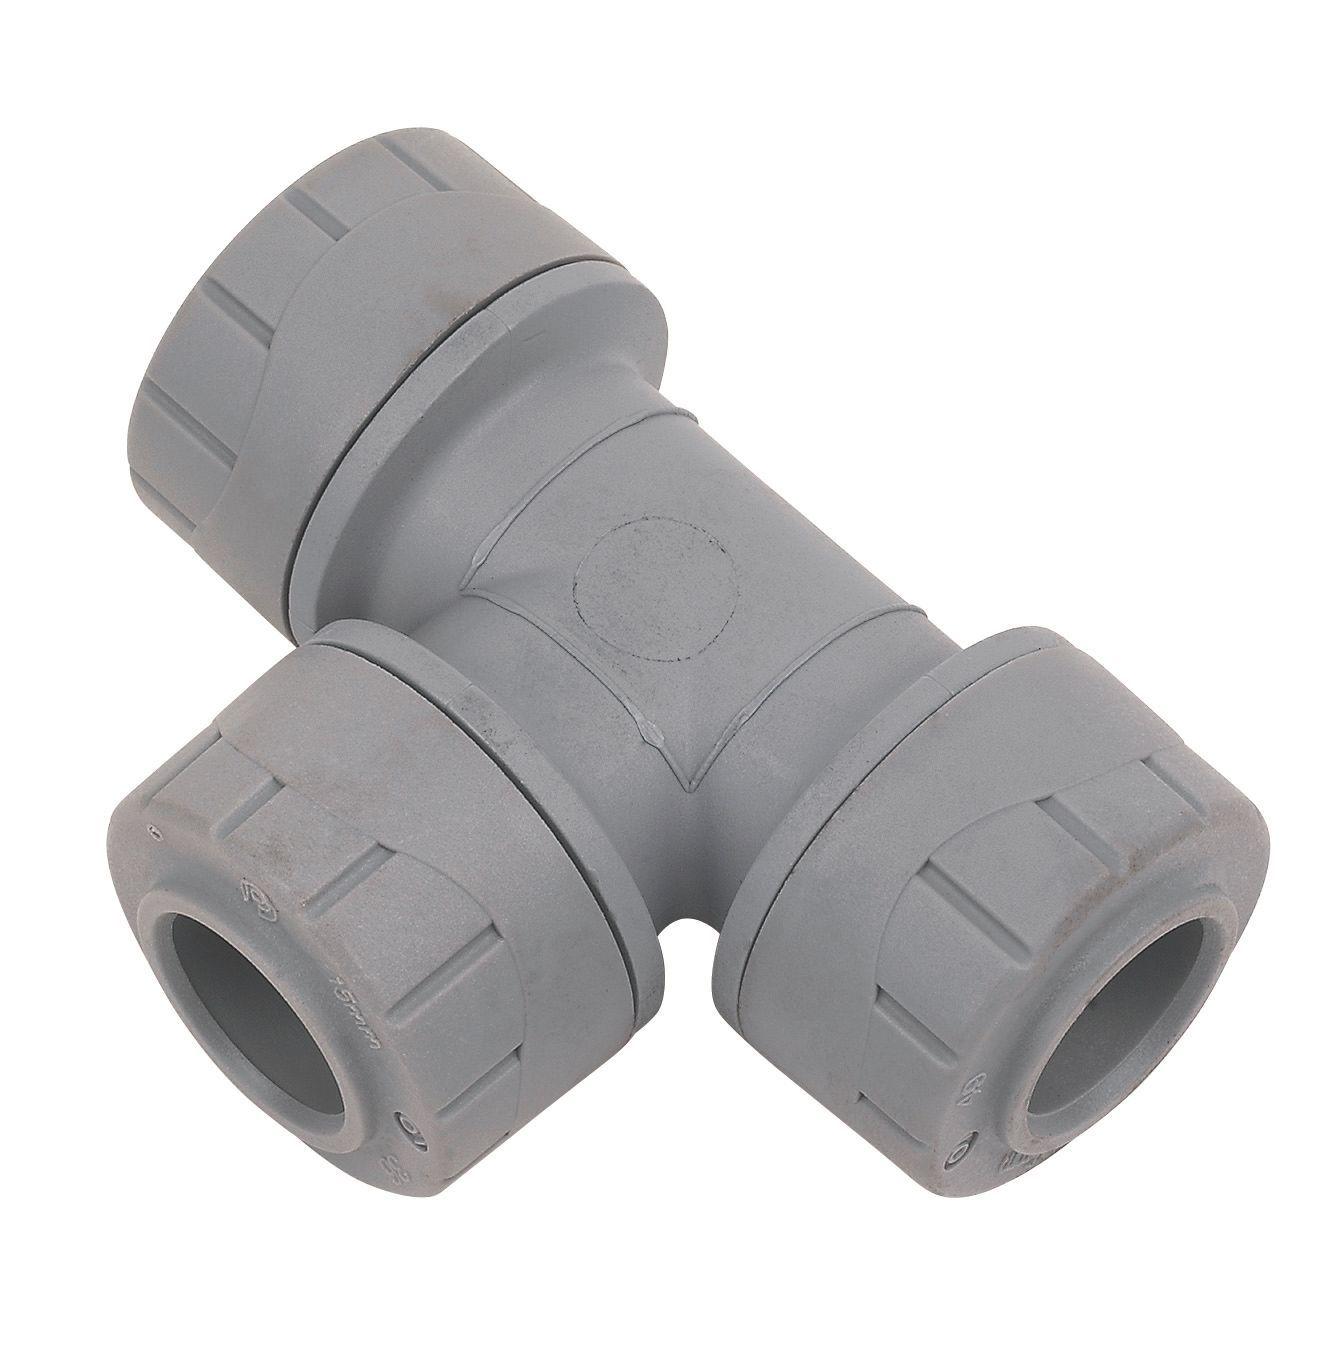 Polyplumb 15mm Equal Tee PB215